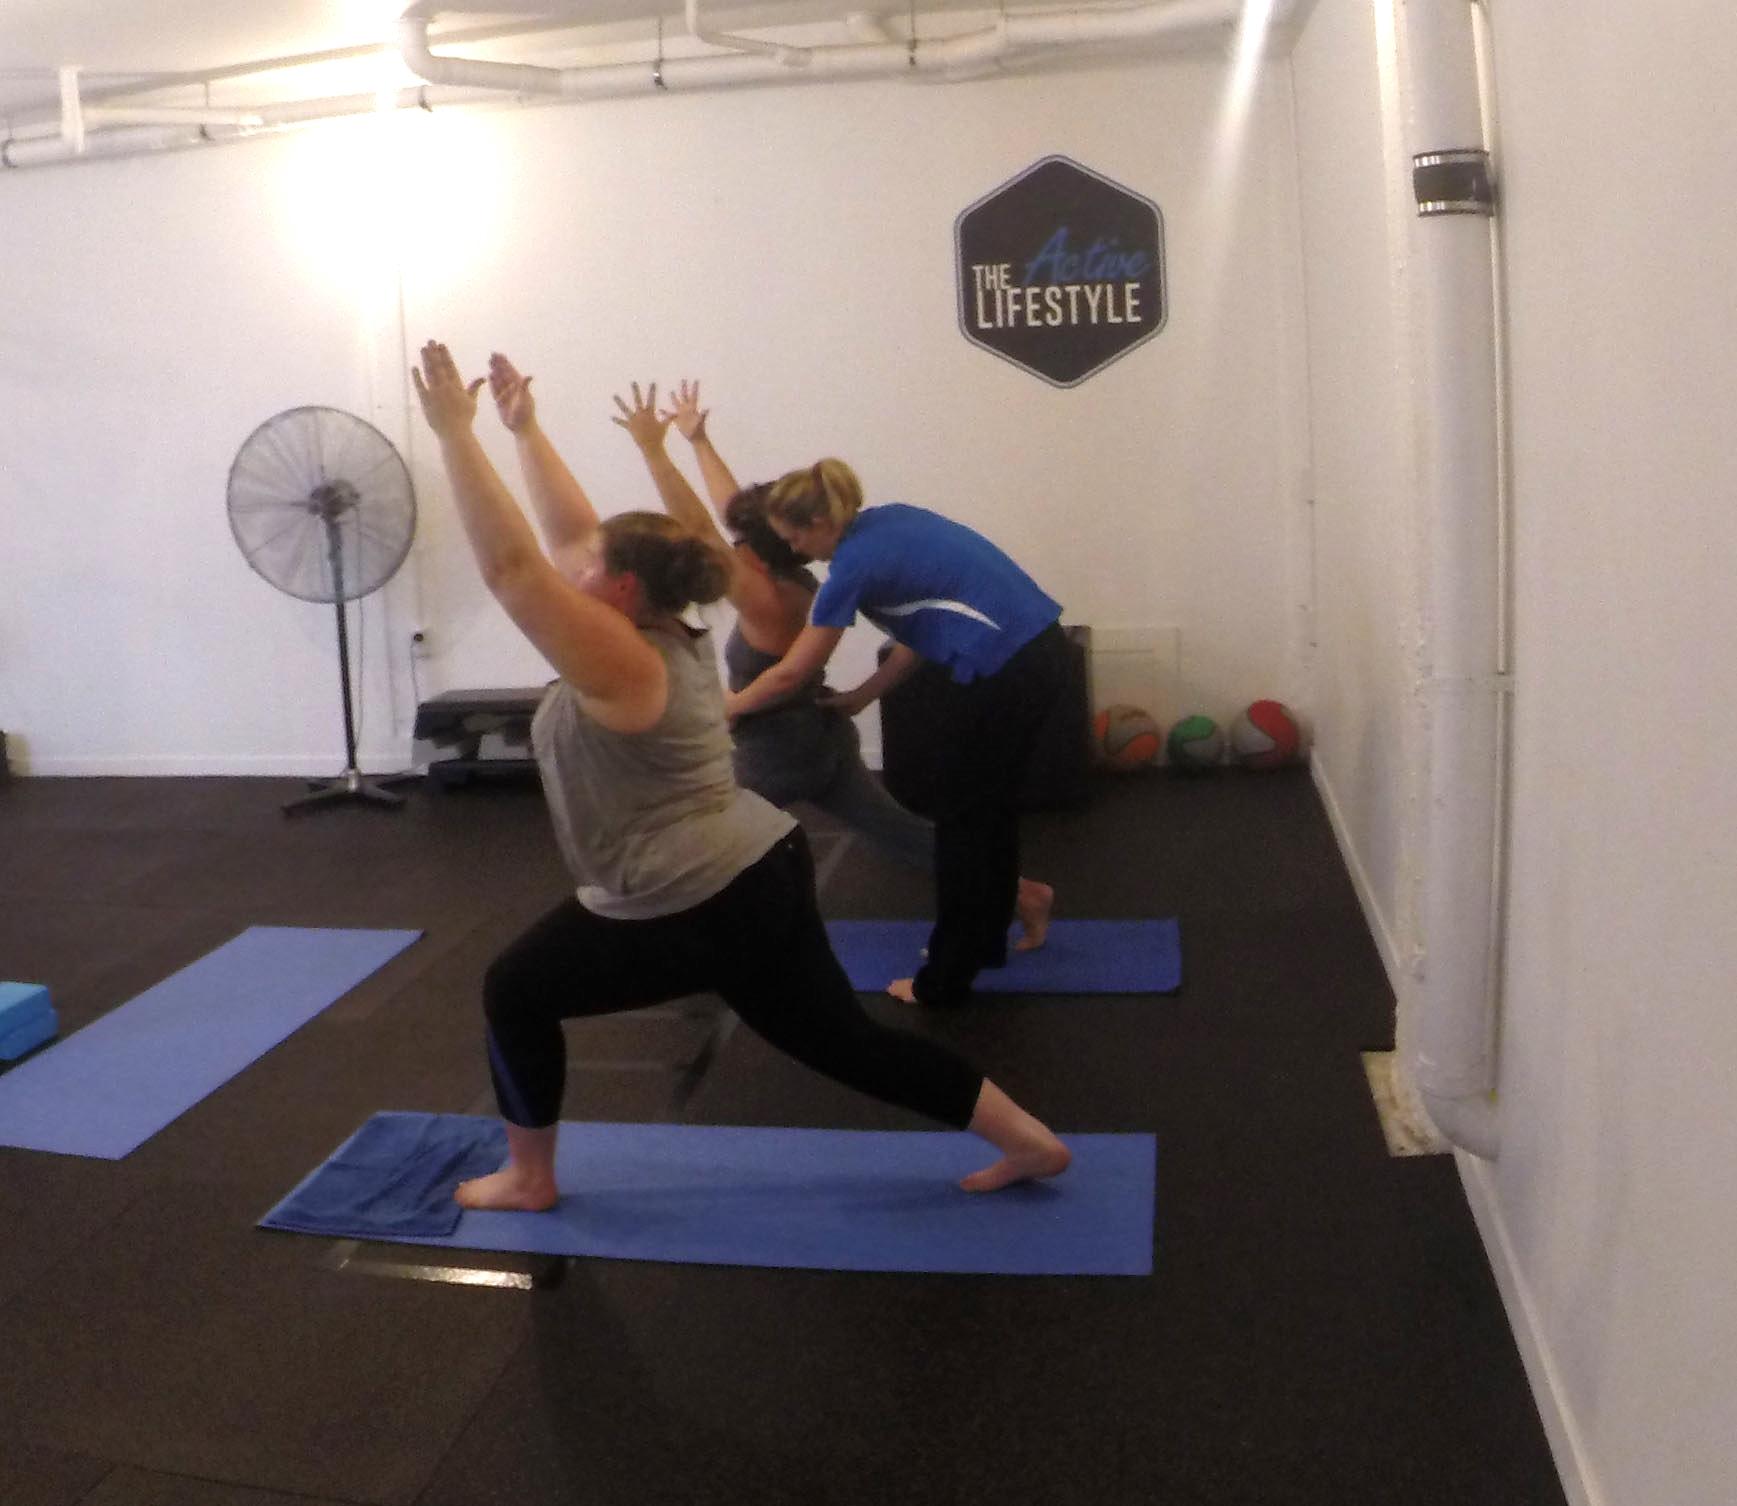 yoga-warrior1-studio-crop.jpg